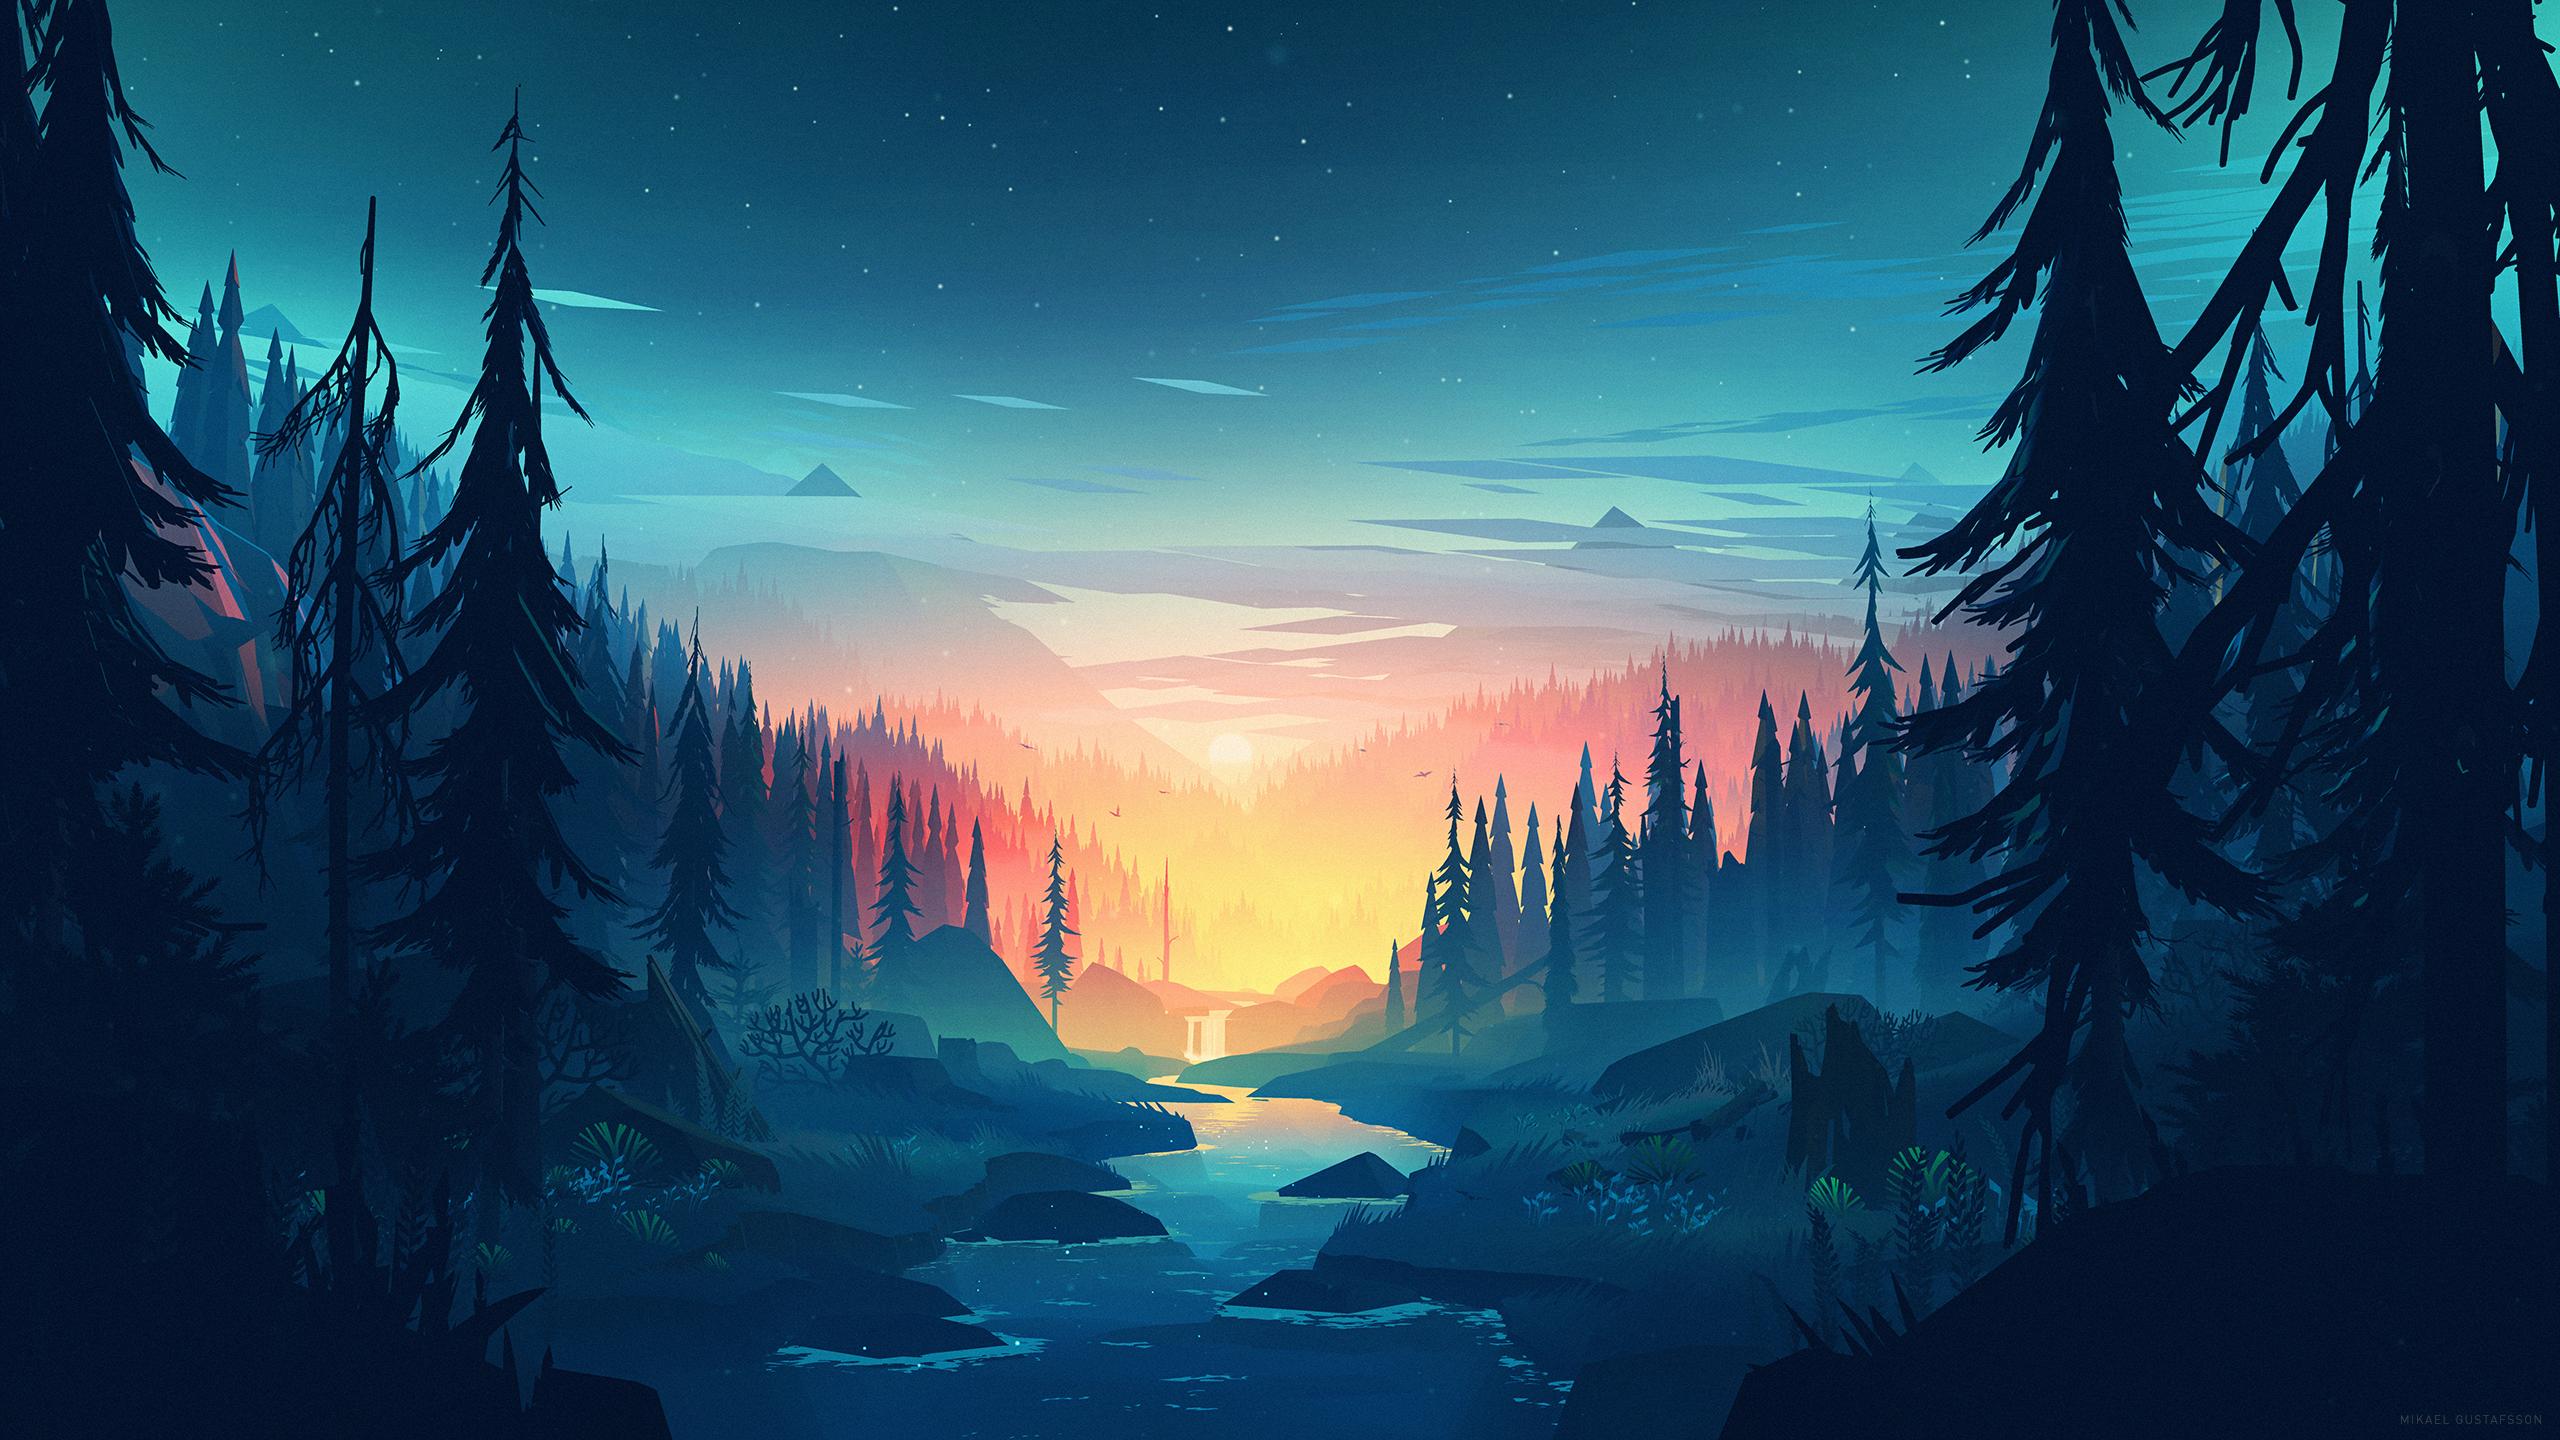 2560x1440 background wallpaper: Sunset HD Wallpaper